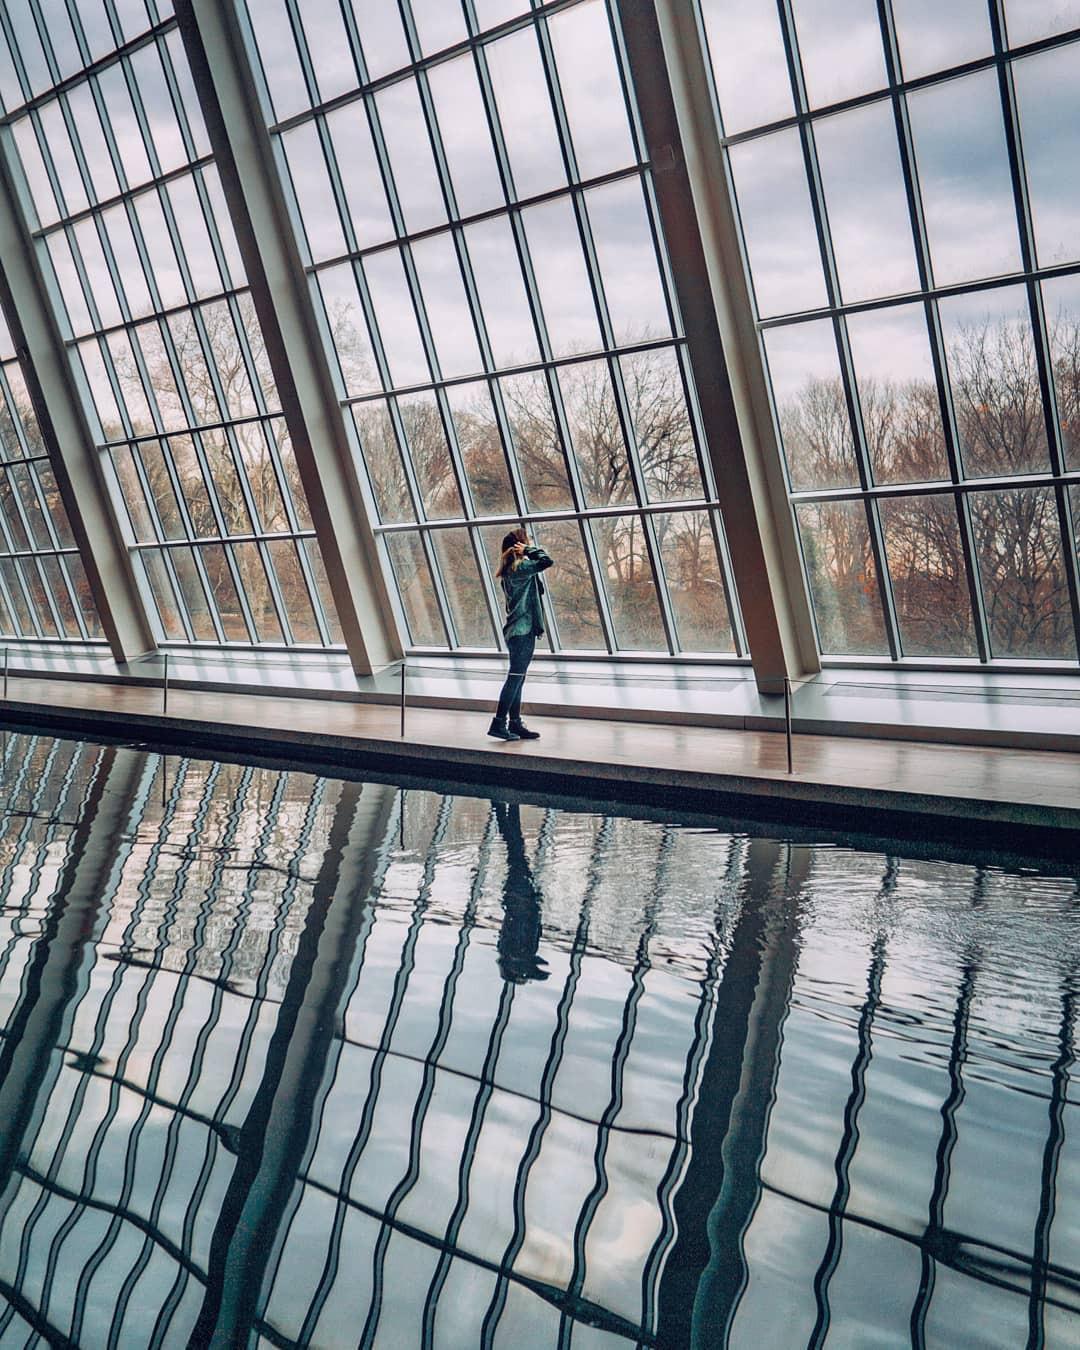 Khám phá địa điểm tổ chức thường niên của Met Gala: Tuổi đời gần 150 năm, trưng bày hơn 2 triệu tác phẩm nghệ thuật có giá trị khổng lồ! - Ảnh 7.